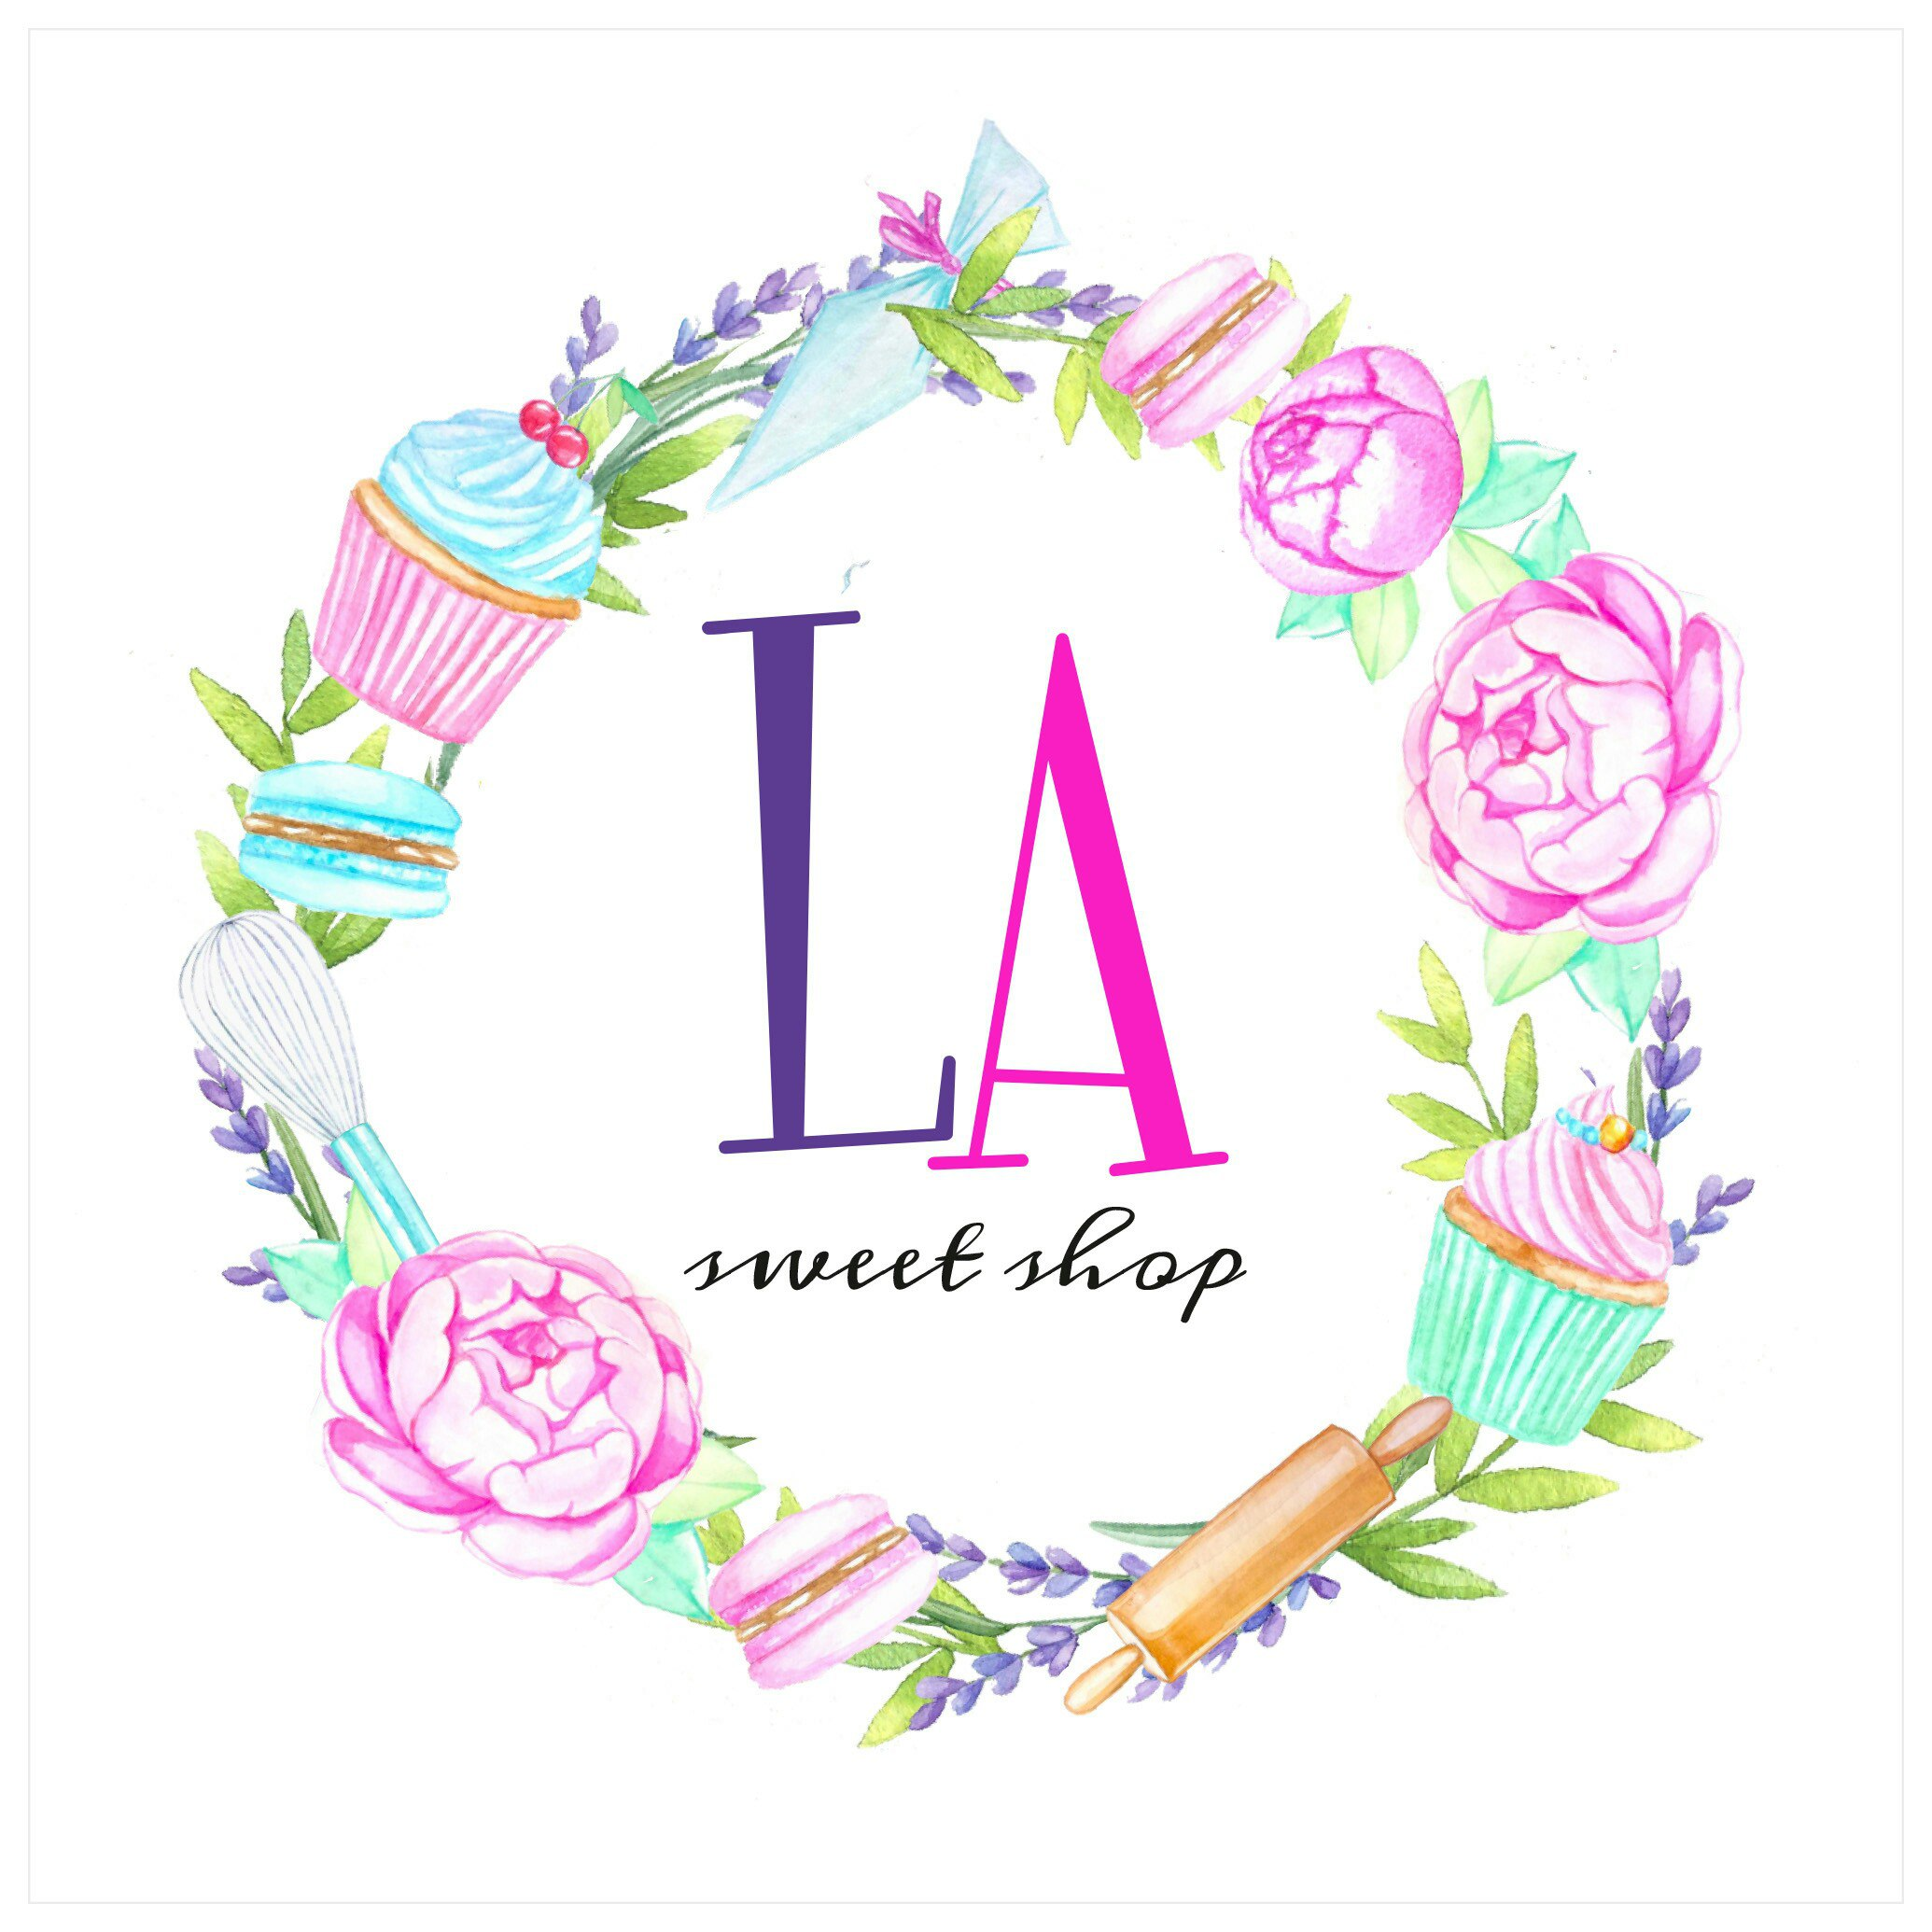 L.A. Sweetshop